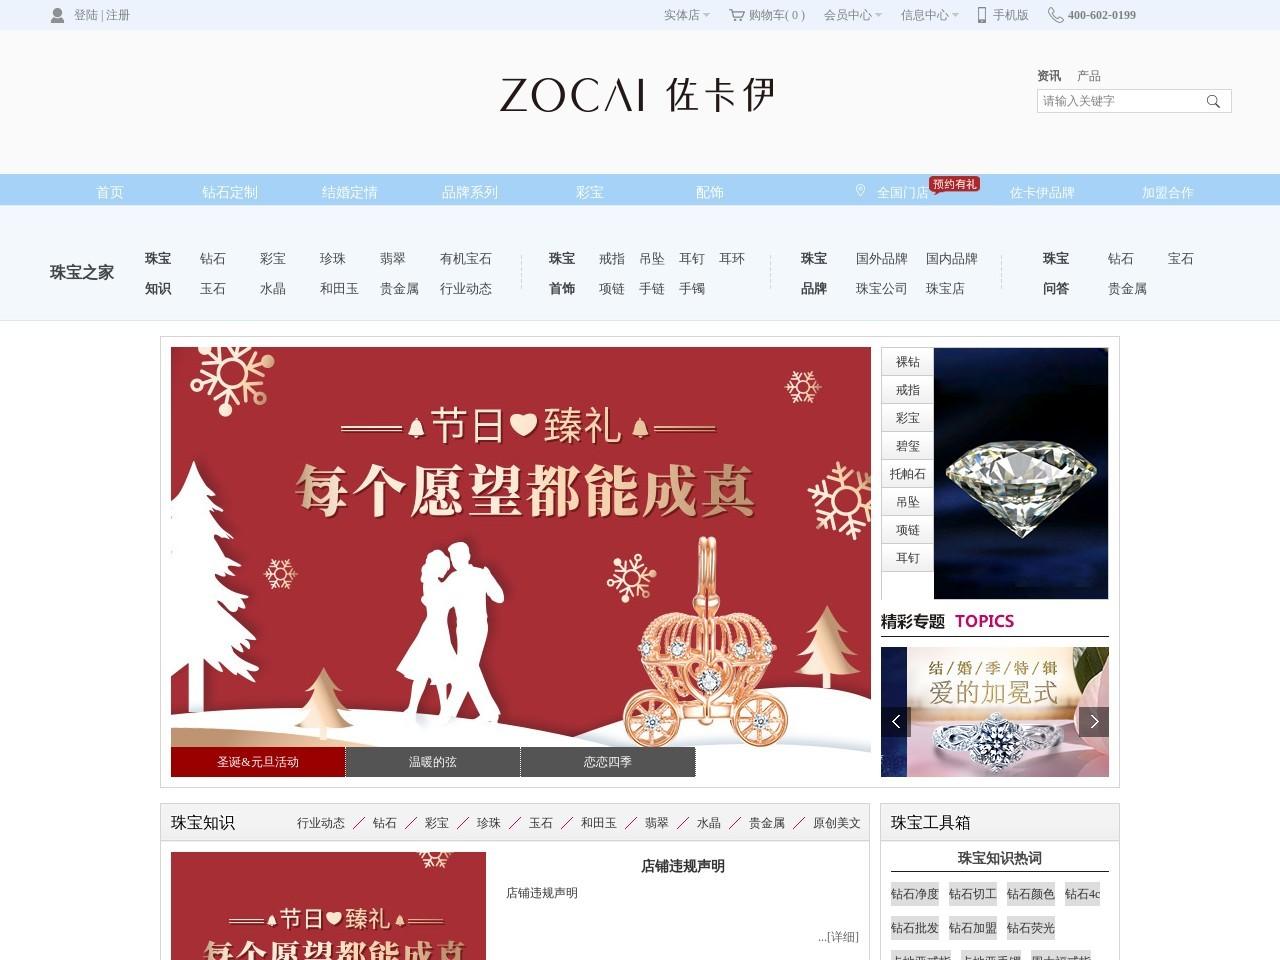 珠宝资讯网_佐卡伊